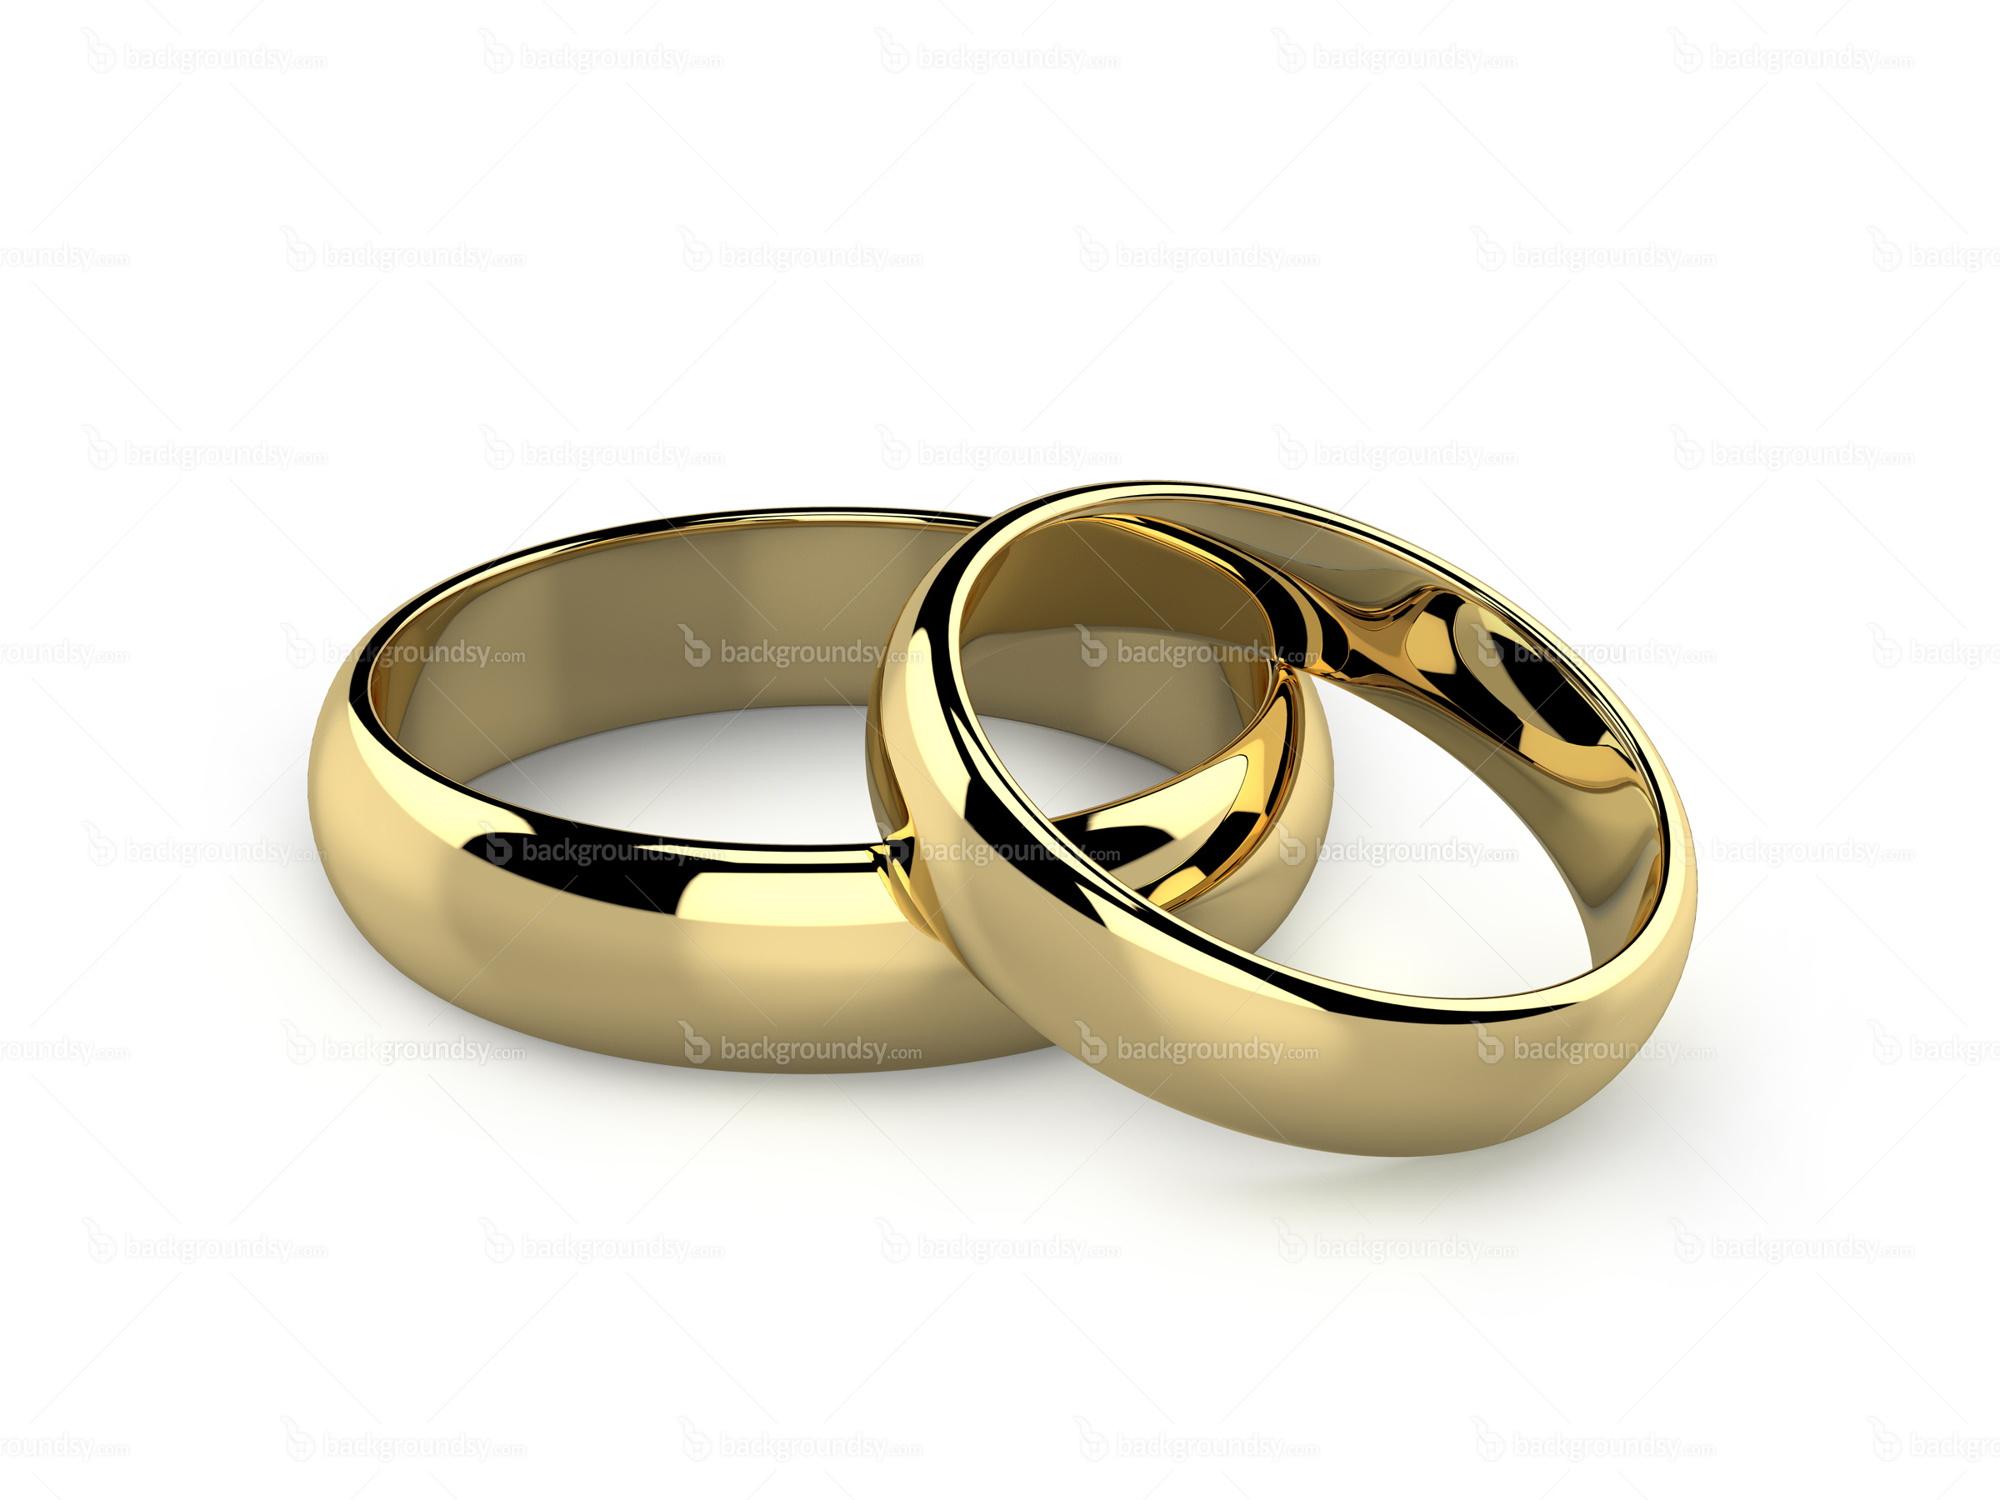 wedding rings wedding rings pictures Wedding rings